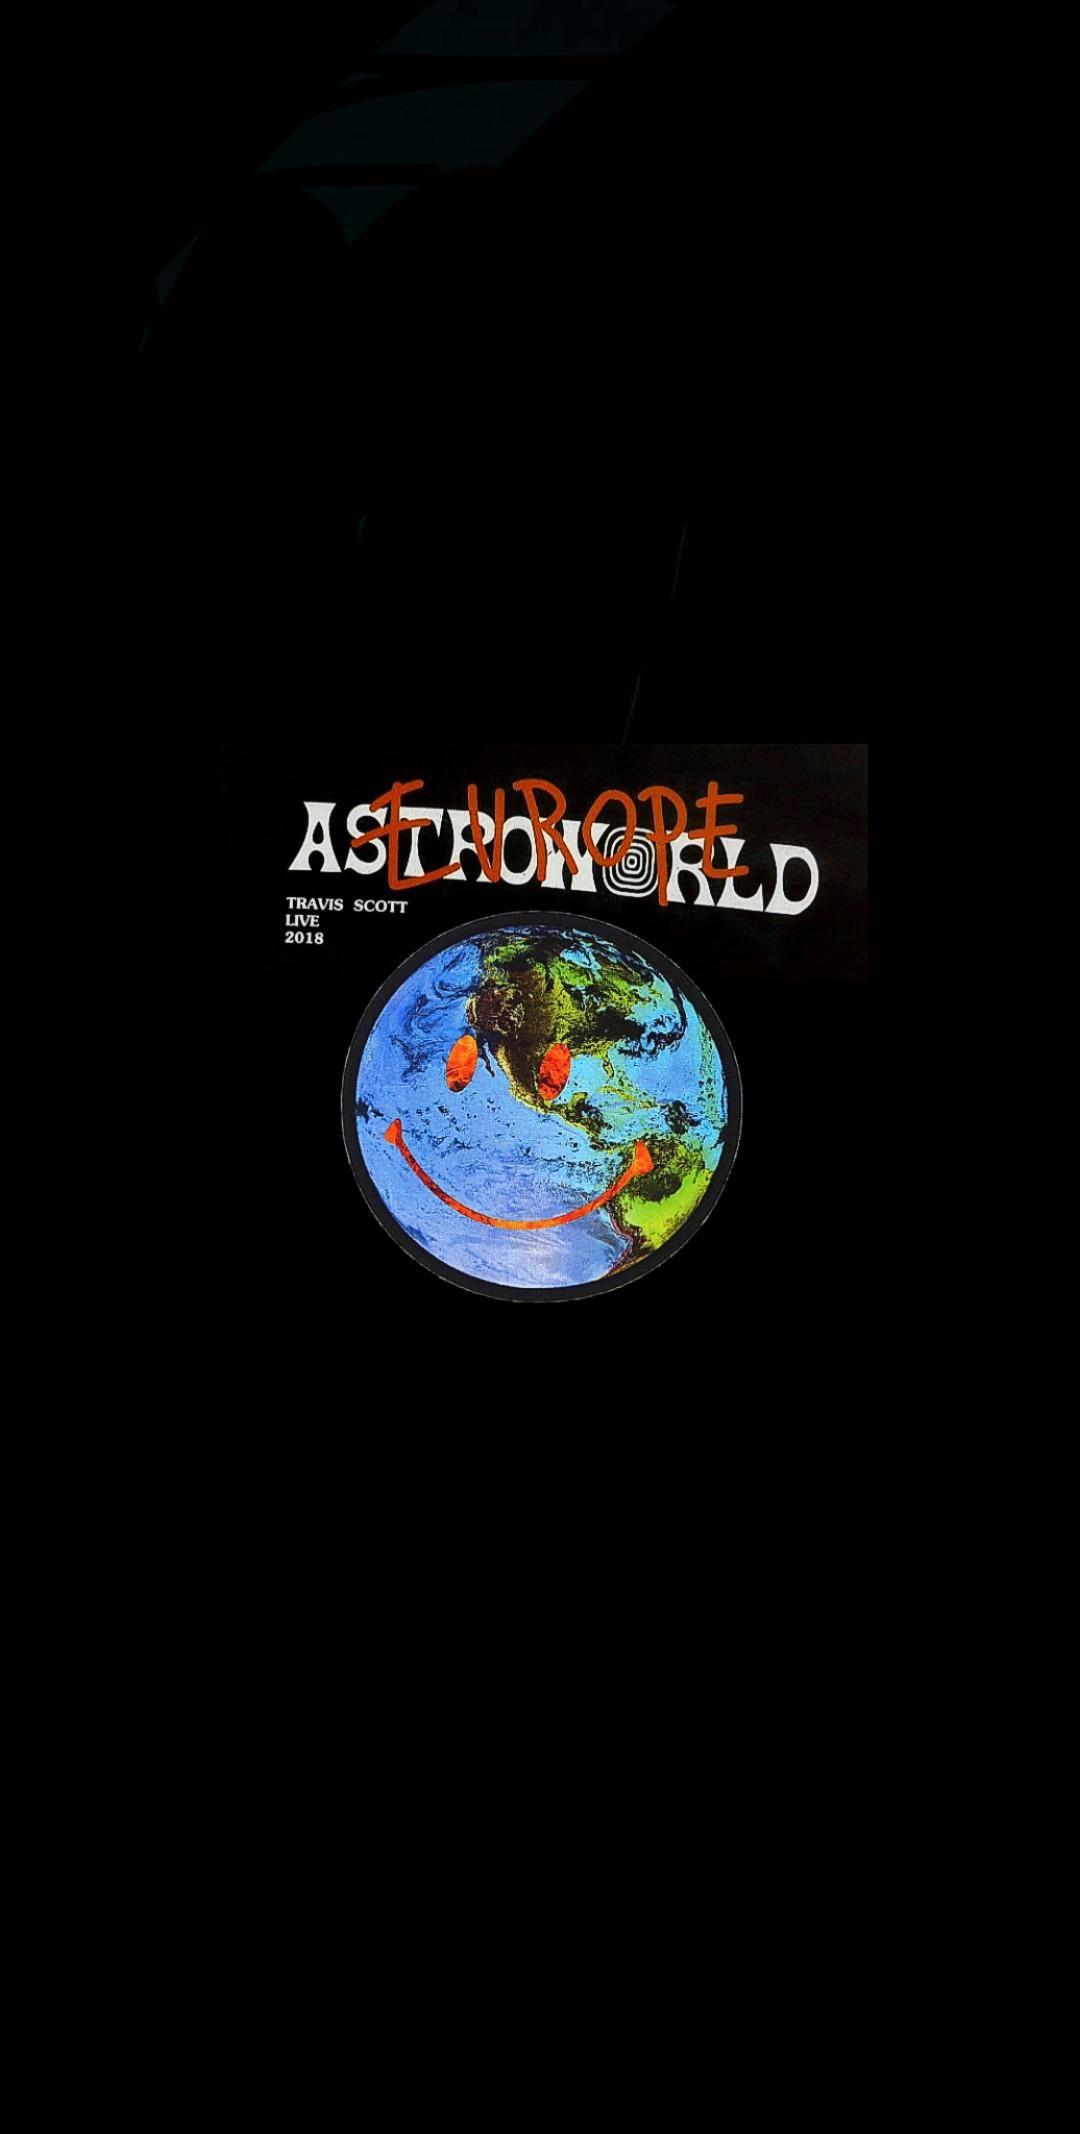 Astroworld Wallpaper 2 In 2020 Travis Scott Wallpapers Hype Wallpaper Travis Scott Iphone Wallpaper